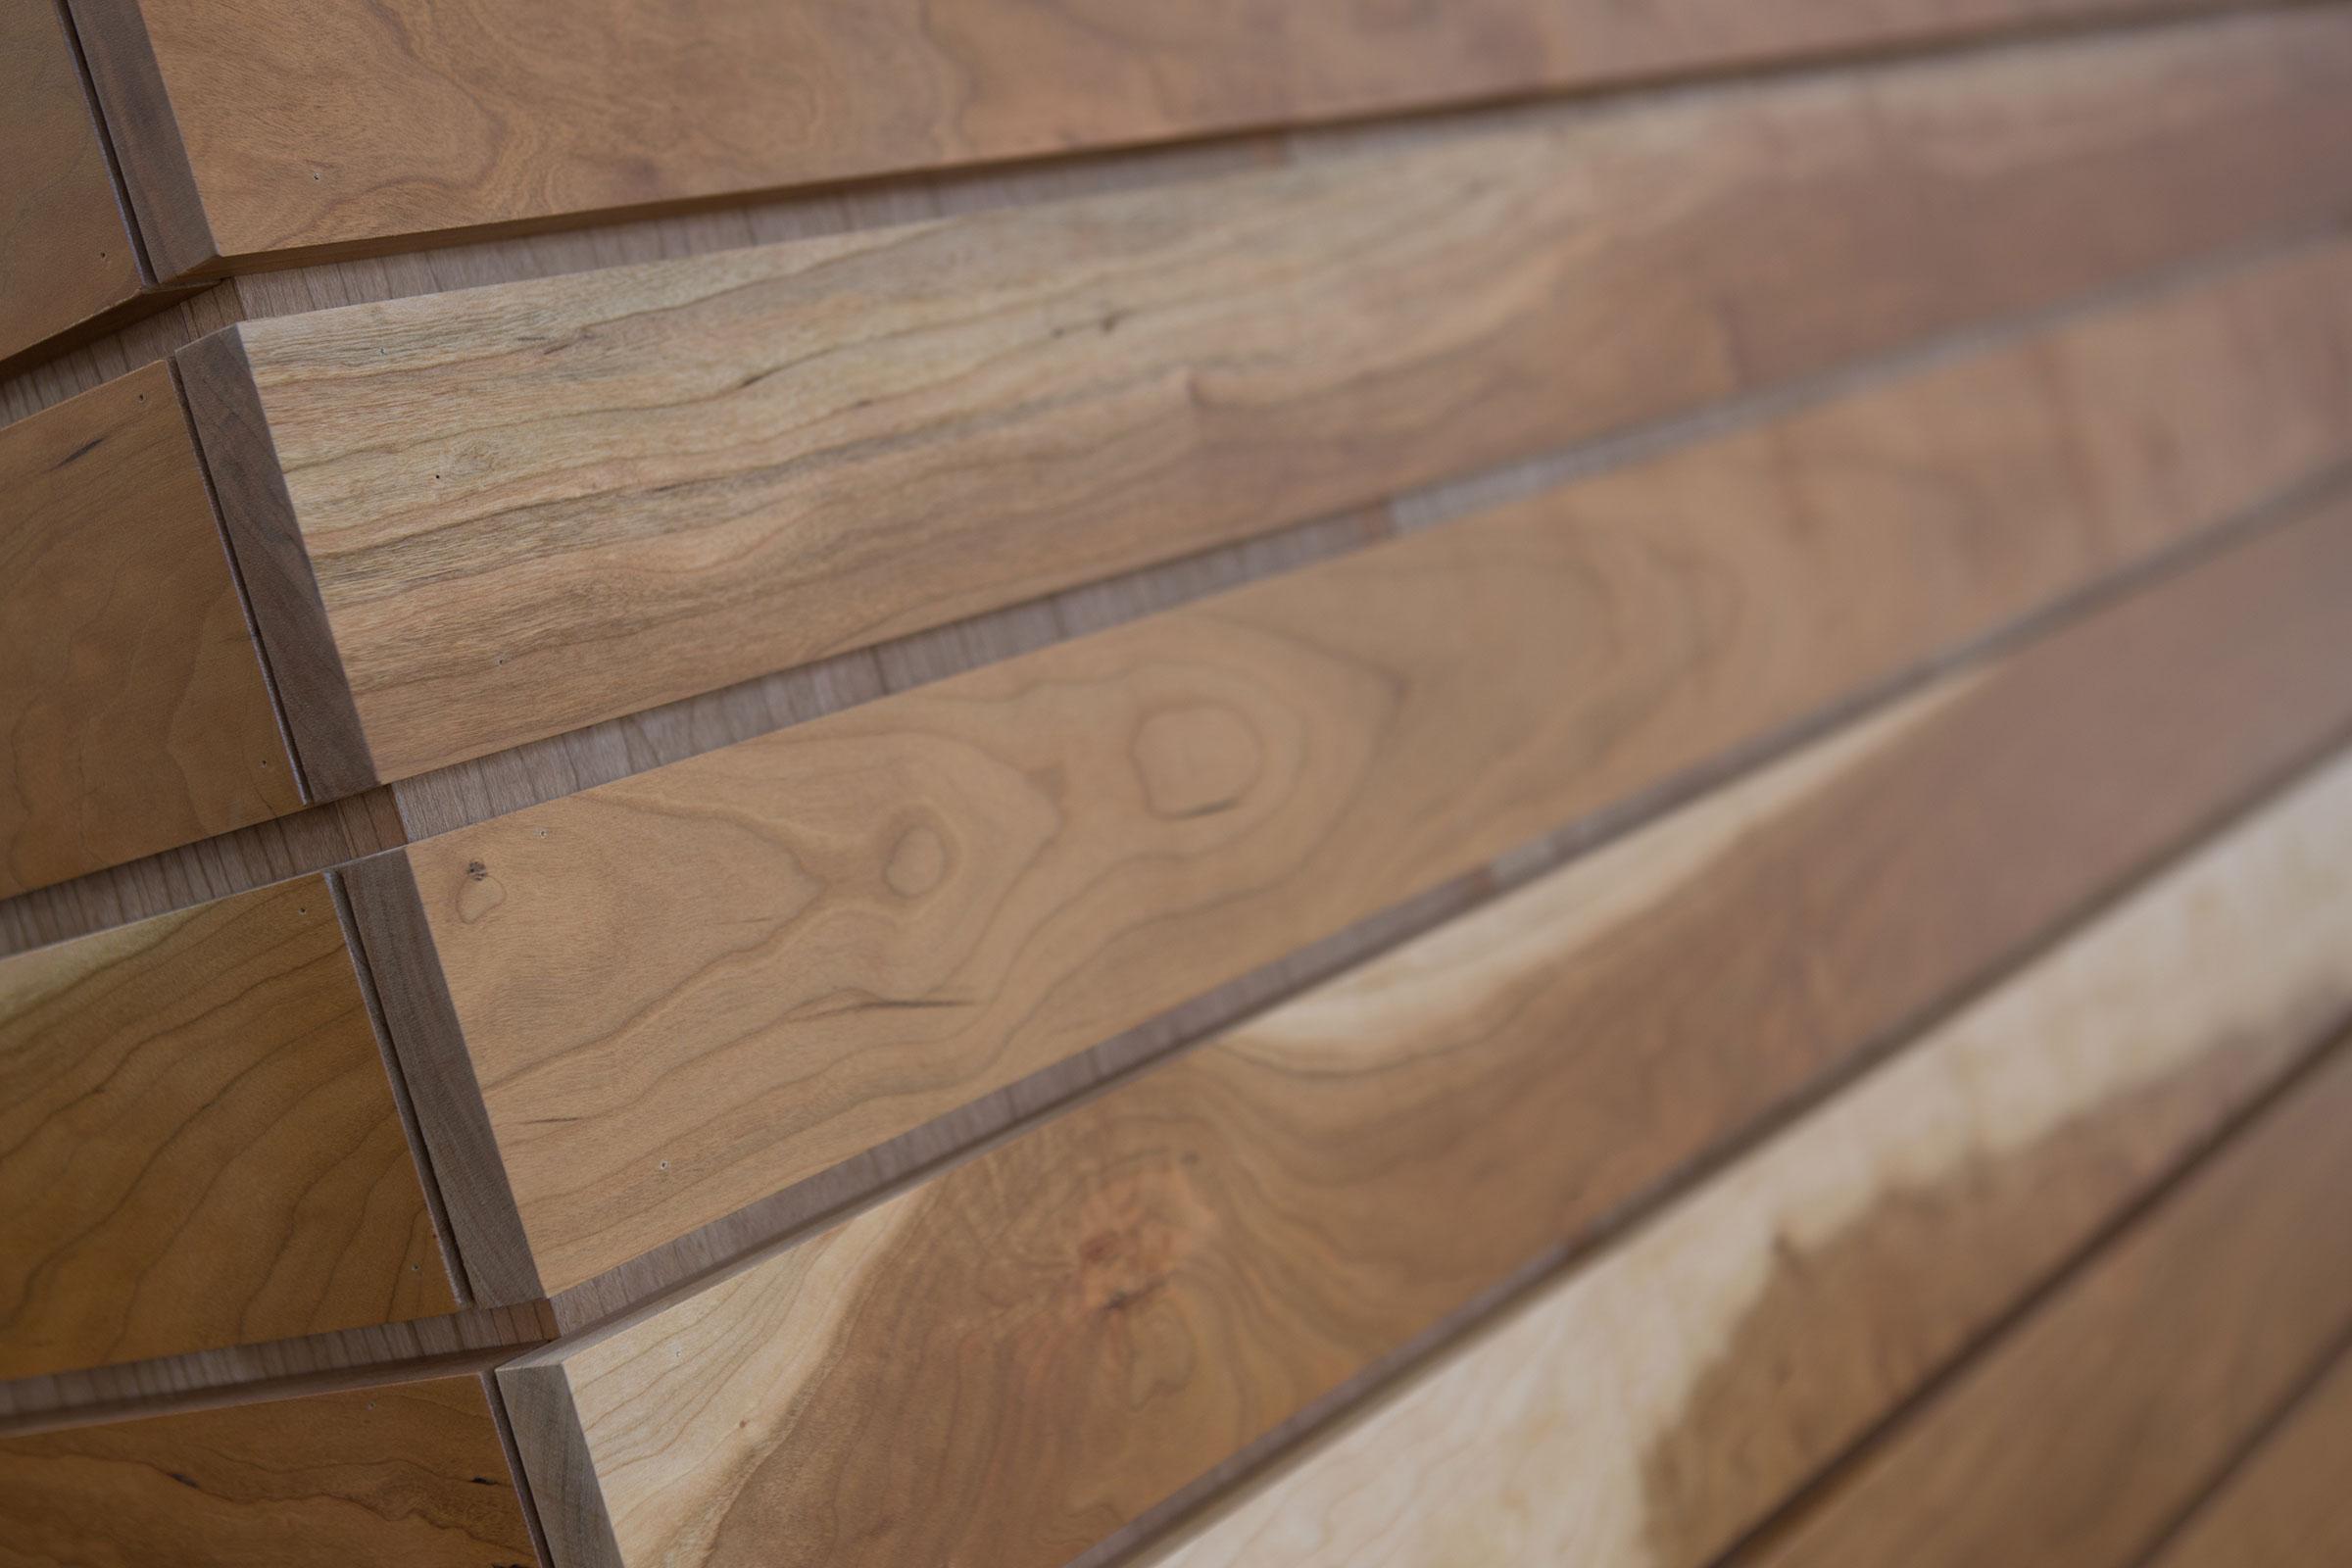 wood wall corner close up